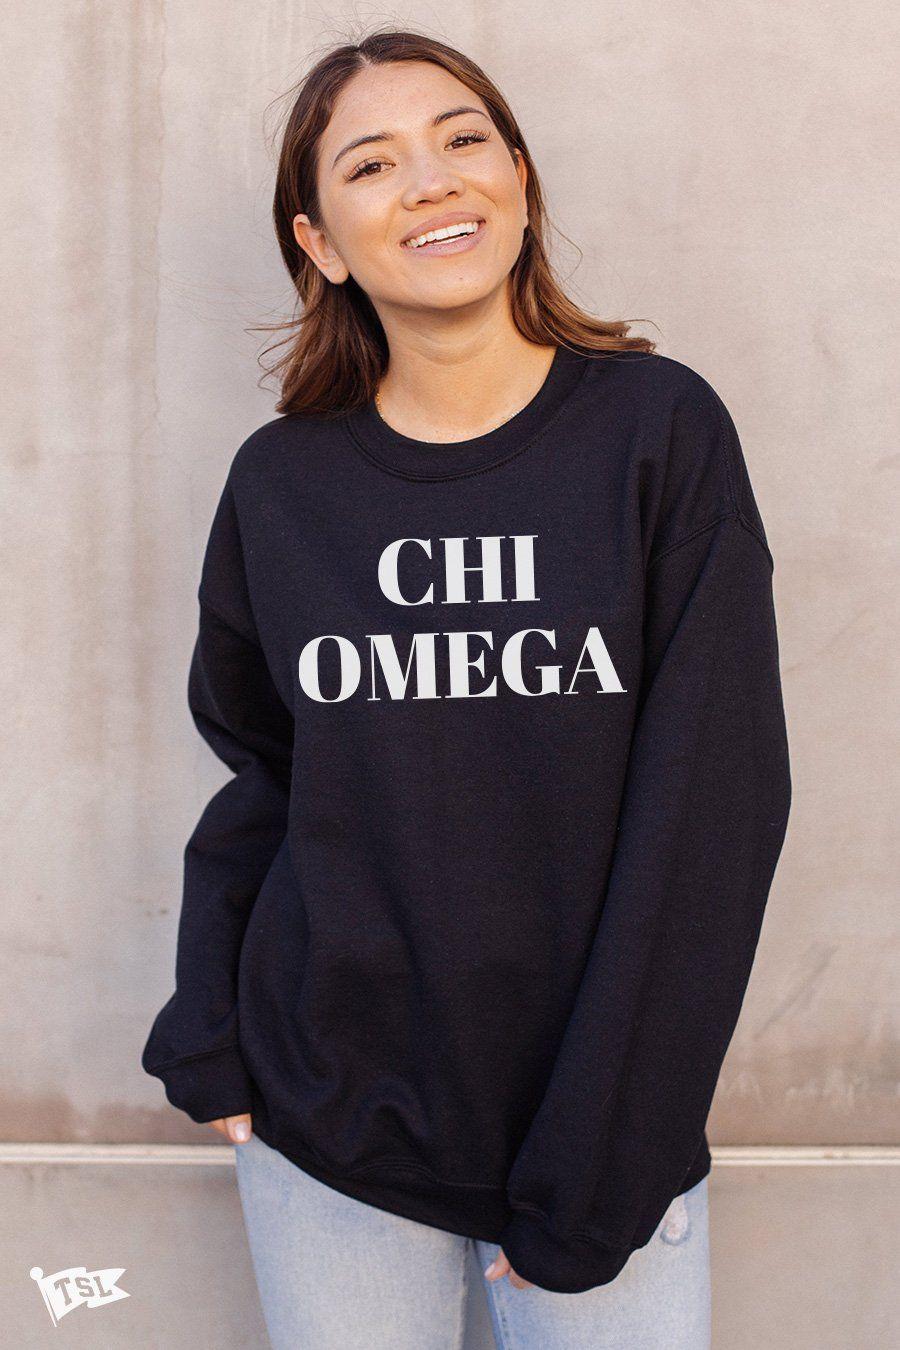 Chi Omega Vogue Crewneck Chi Omega Sweatshirt Vogue Crew Neck [ 1350 x 900 Pixel ]